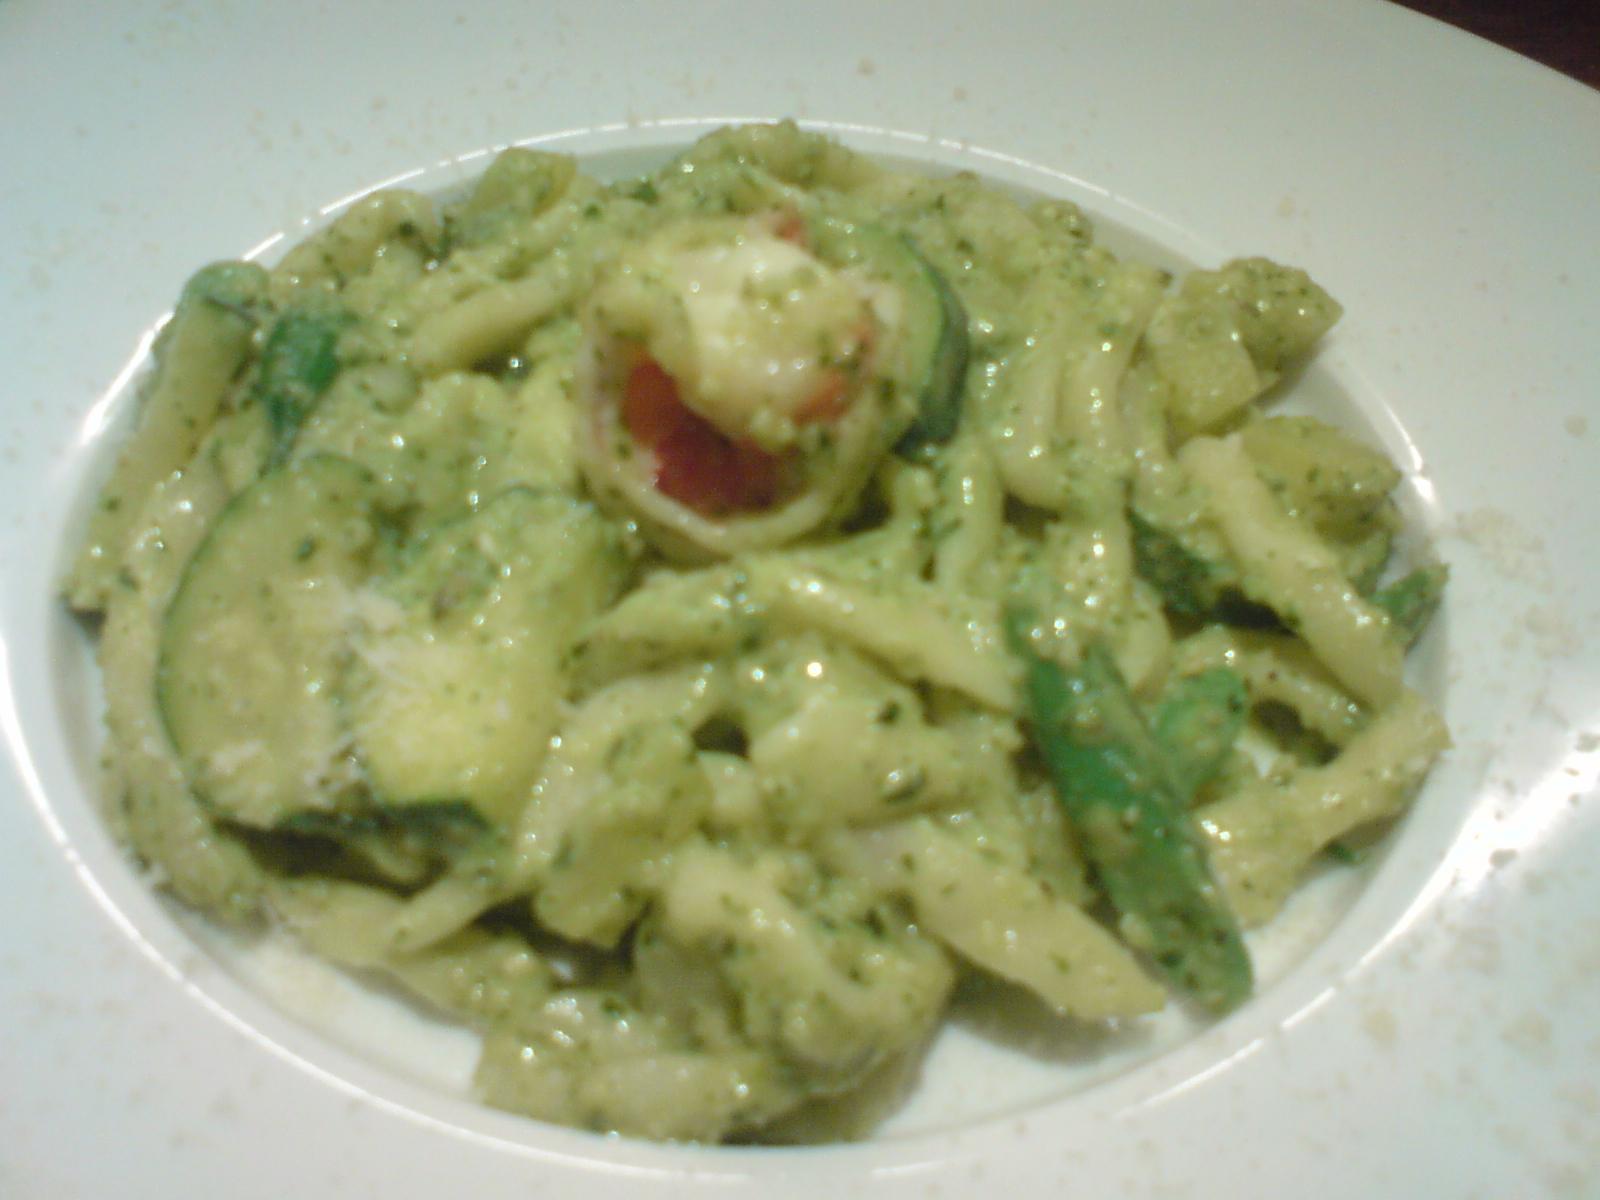 Italian cuisine genovese sauce trofie pasta shizuoka - Italian cuisine pasta ...